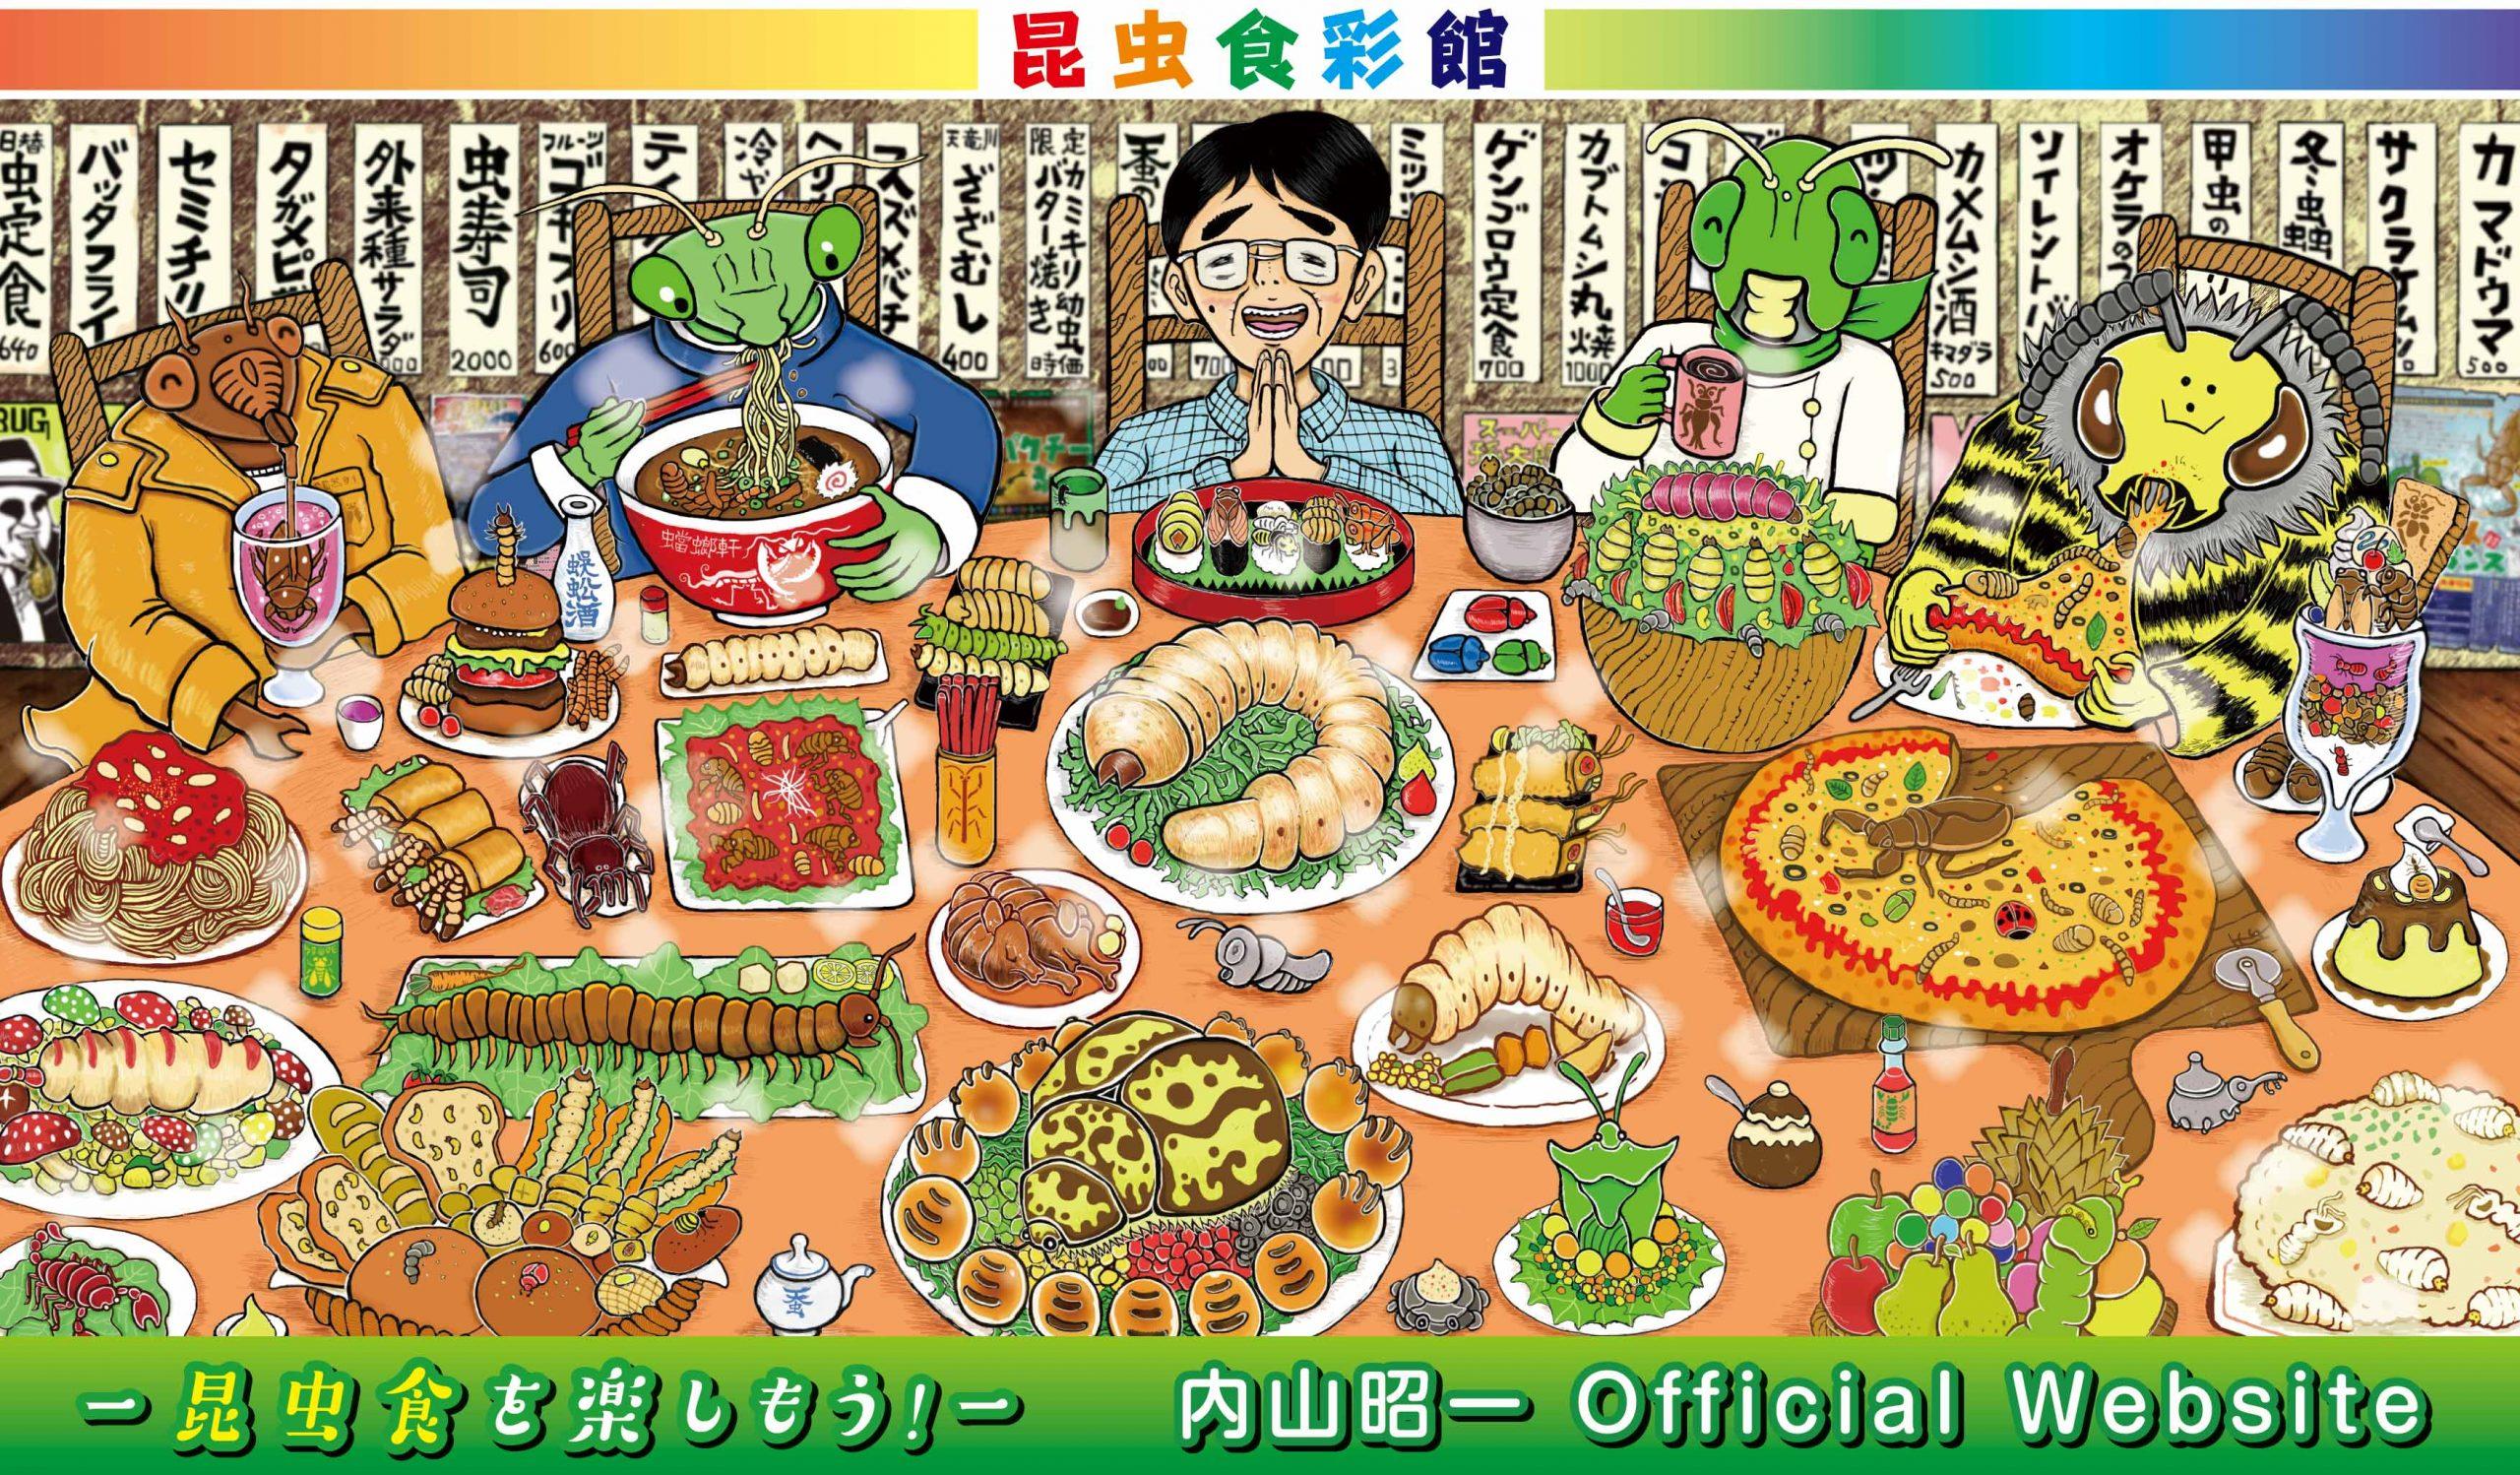 昆虫食を楽しもう! | 内山昭一が主宰する昆虫料理研究会 | 昆虫食イベント情報